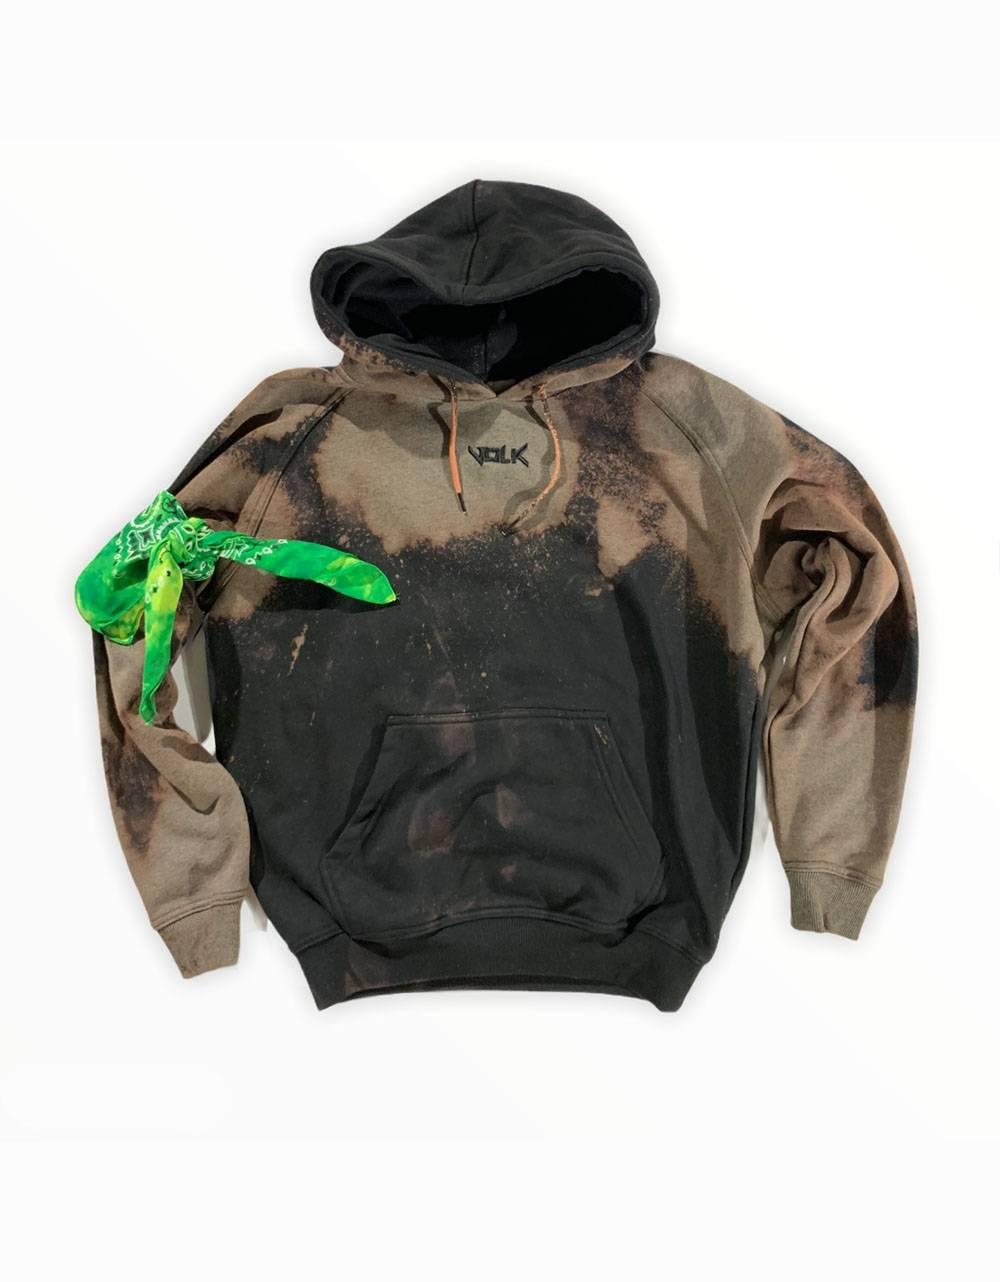 Volk basic hoodie - bleached black VOLK Sweater 81,15€